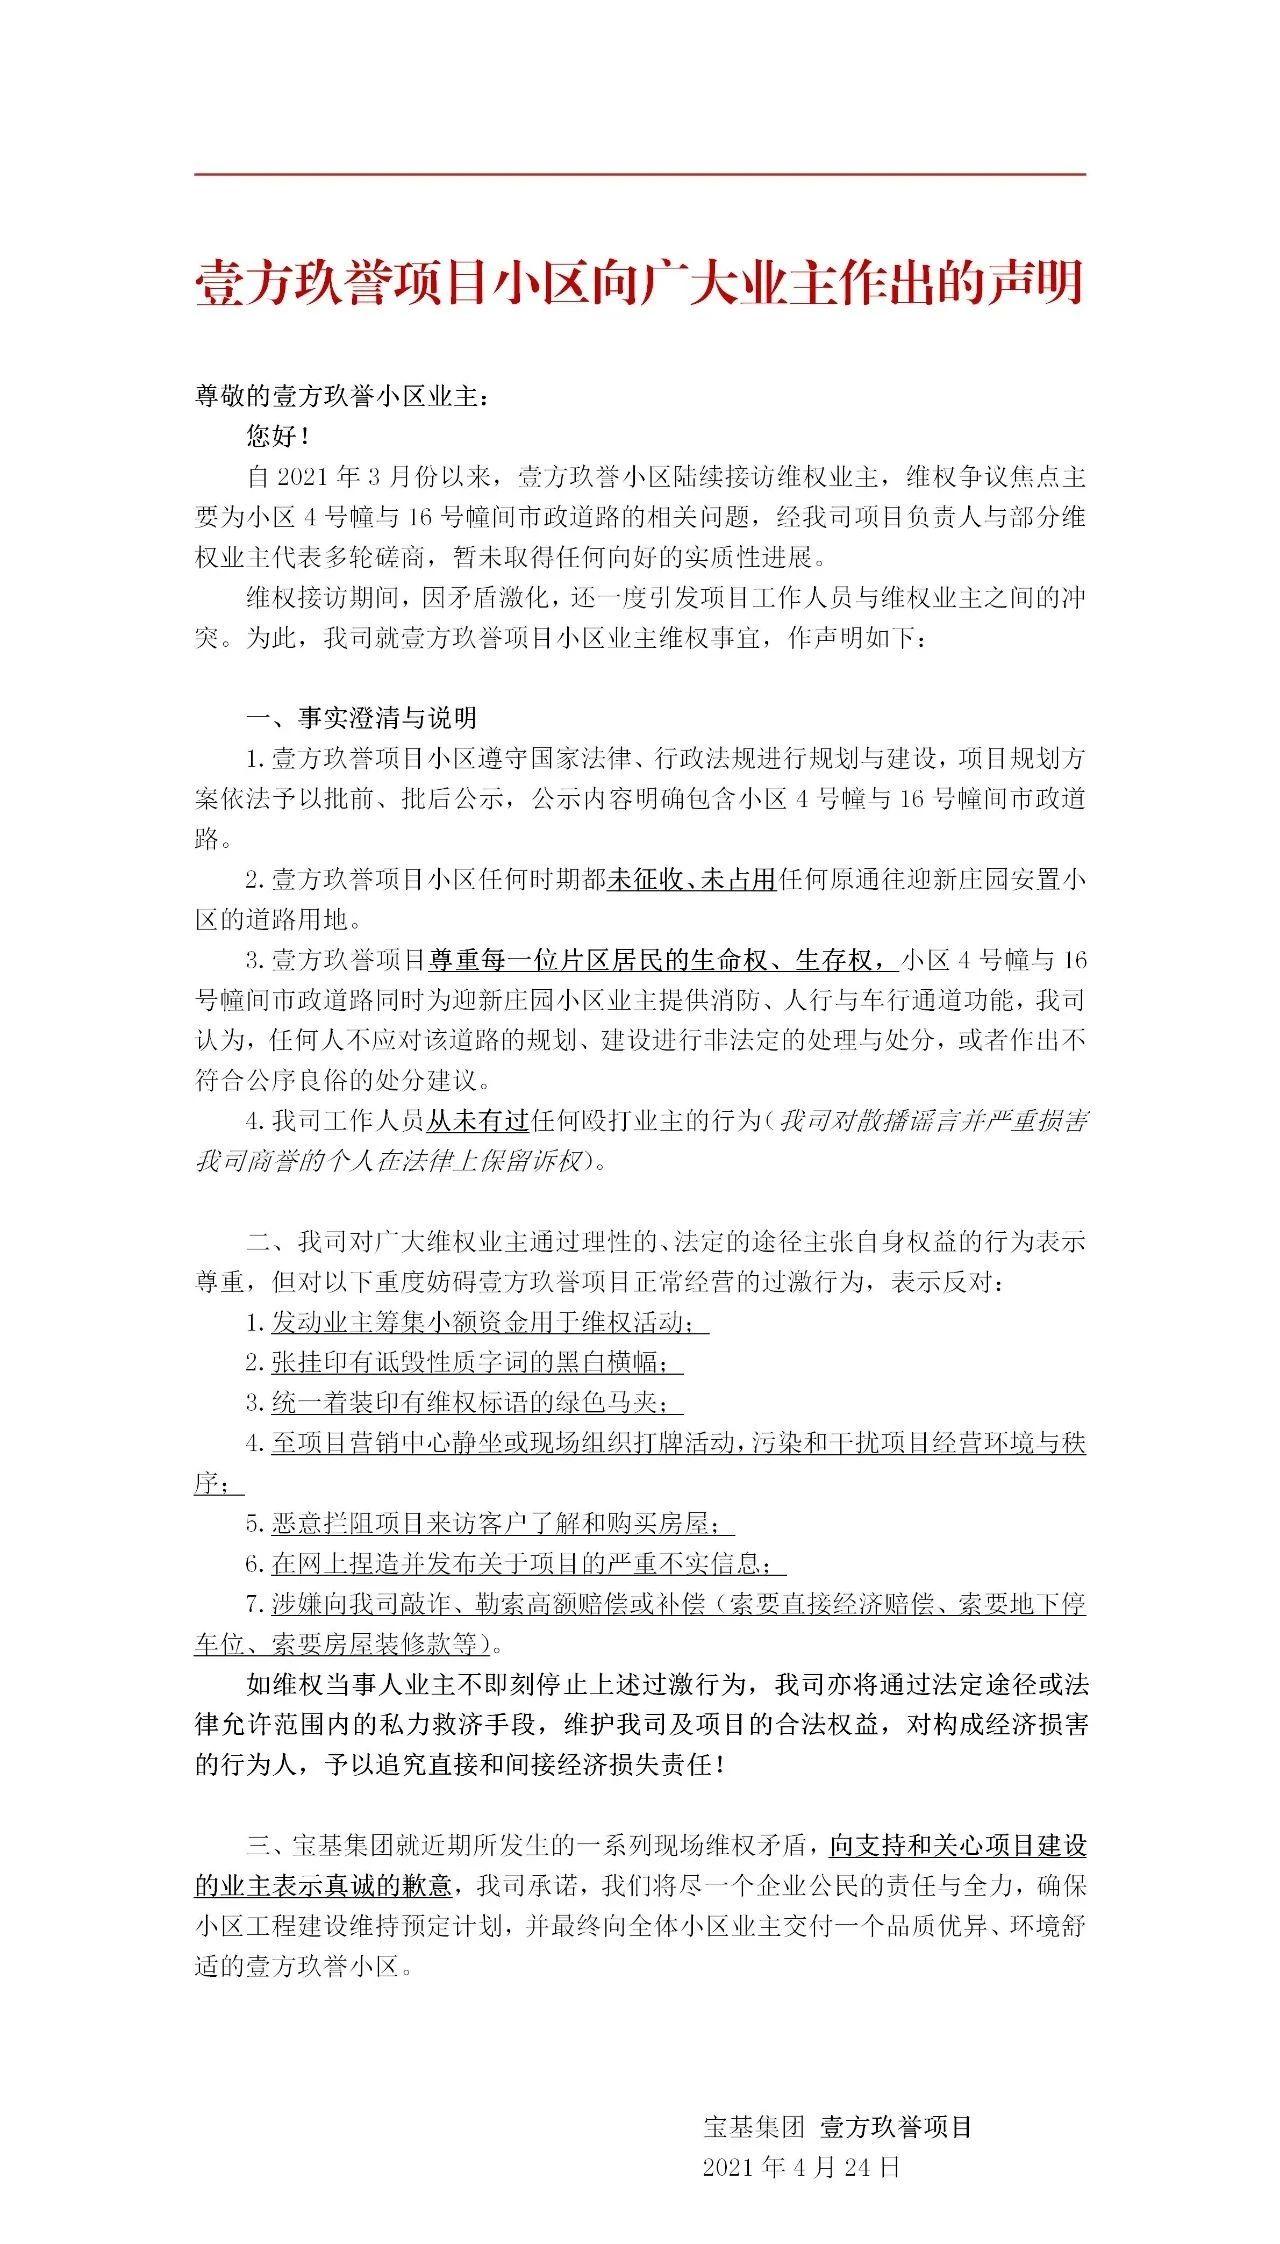 严正声明丨壹方玖誉项目小区向广大业主做出的声明